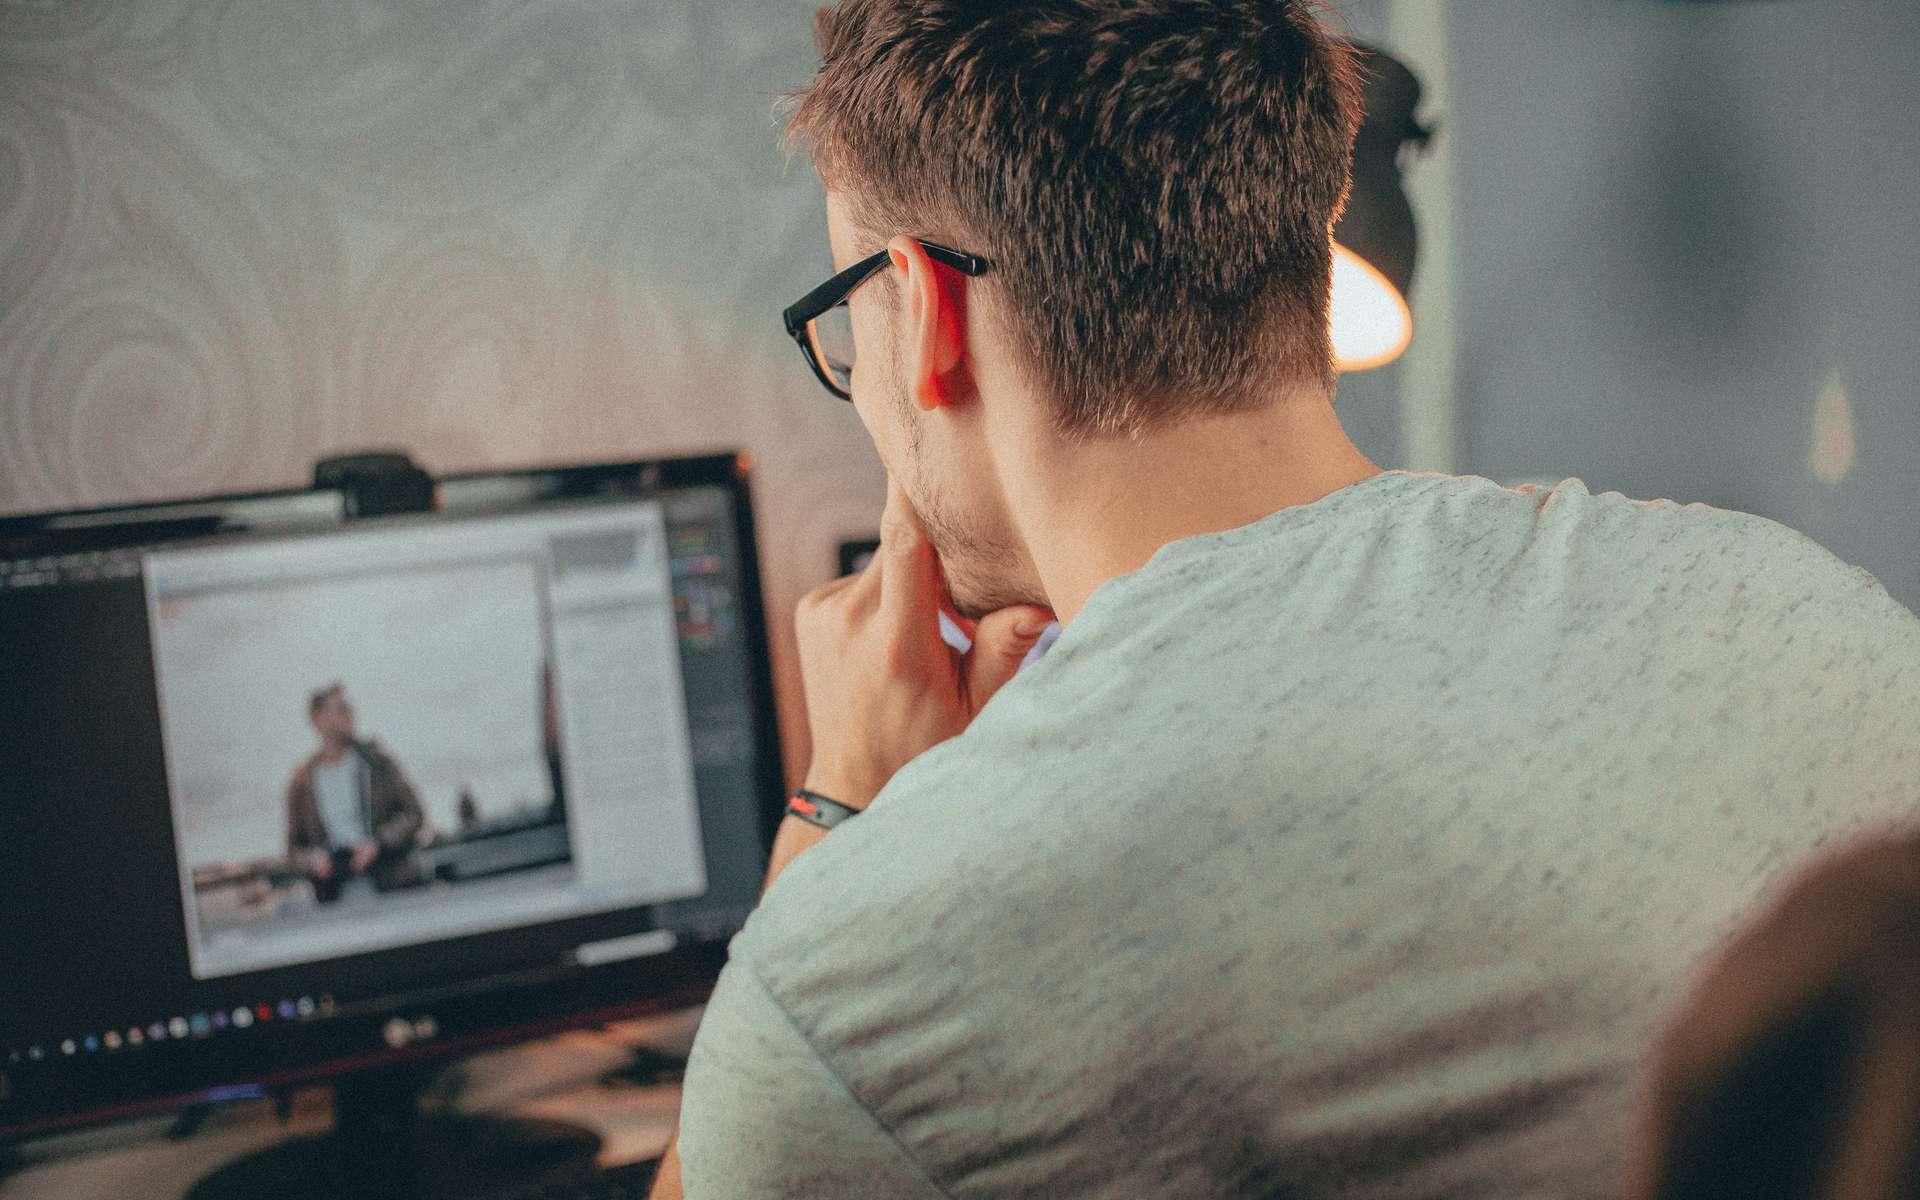 Attention aux longues et mauvaises postures devant son écran d'ordinateur. © Malte Luk, Pexels